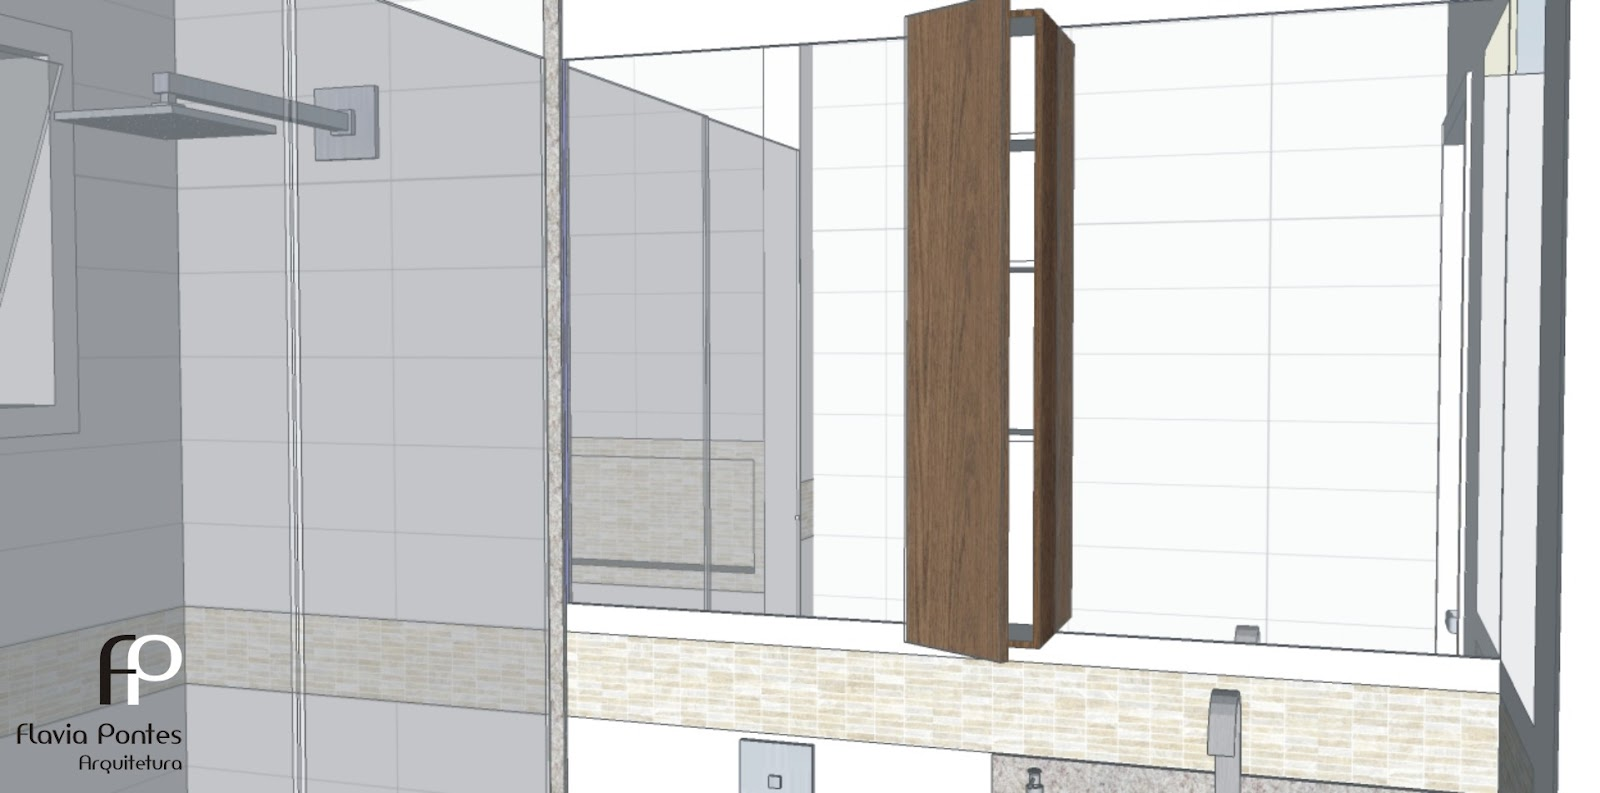 Flavia Pontes Arquitetura Outubro 2012 -> Armario De Banheiro Aereo Com Espelho